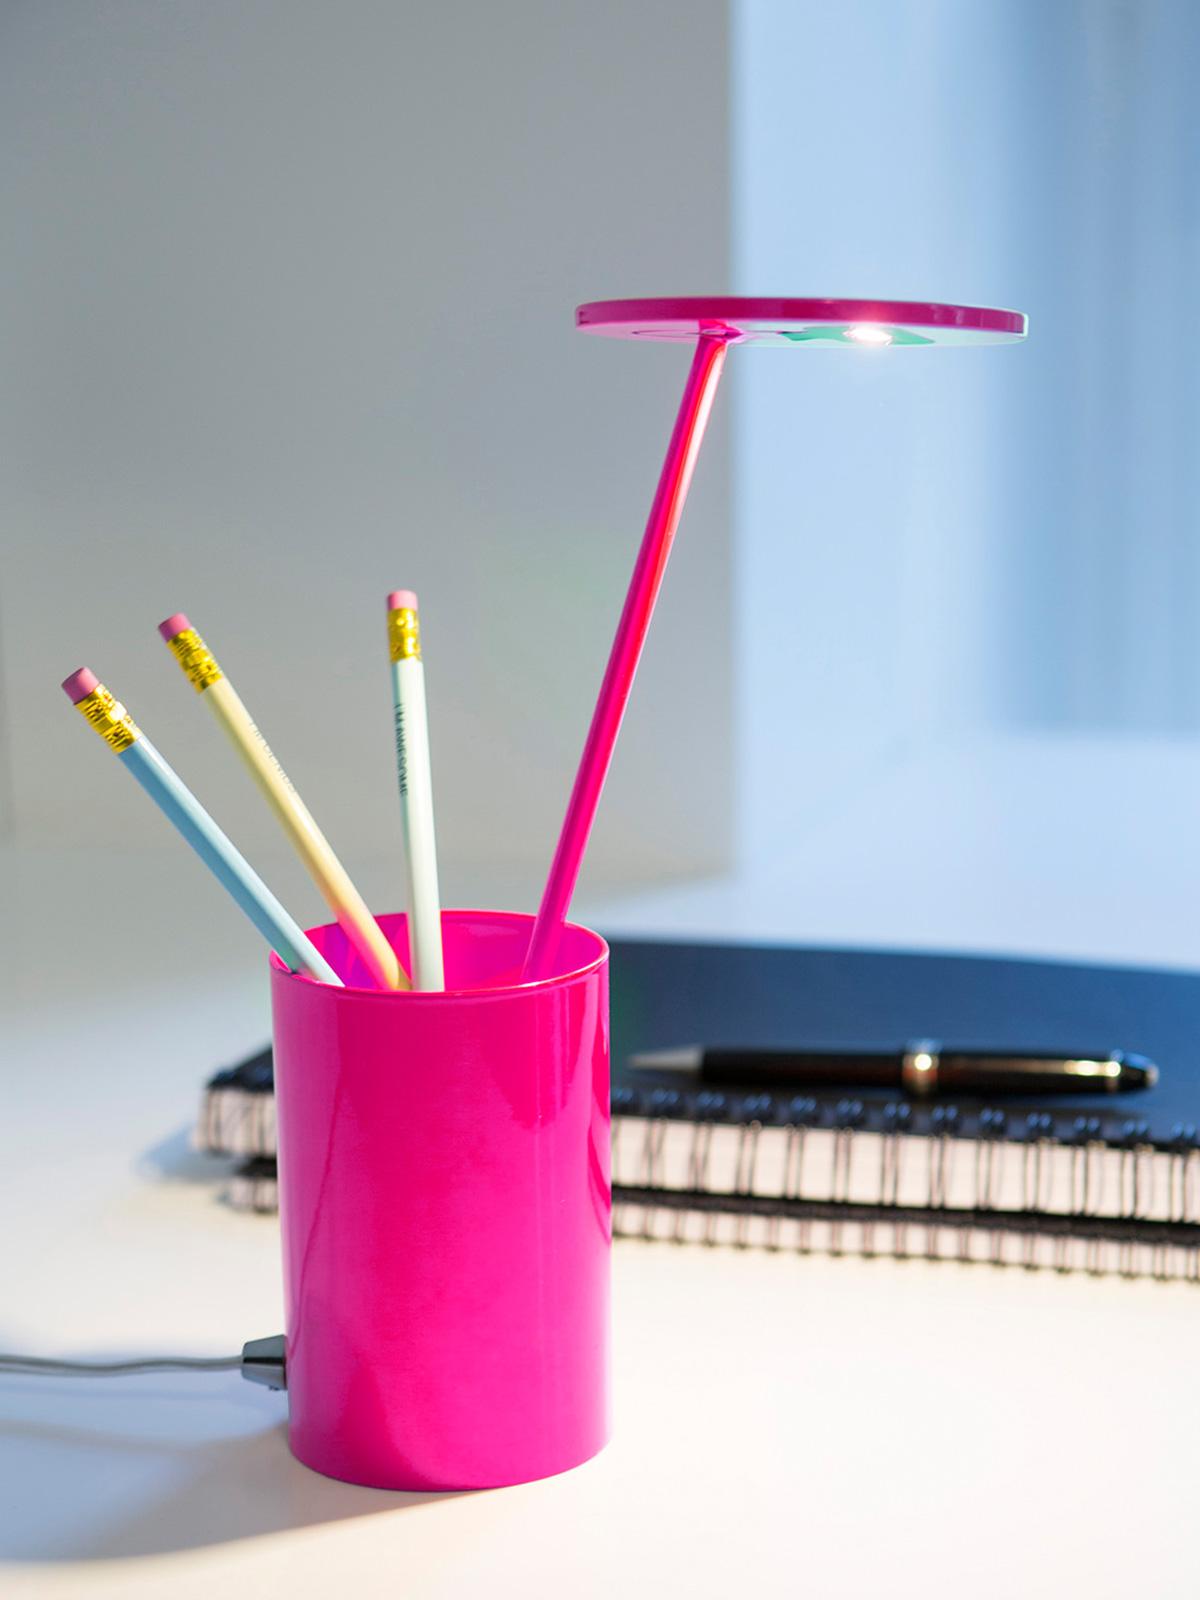 DesignOrt Blog: Farbenfrohe Leuchten ET von Formagenda in pink